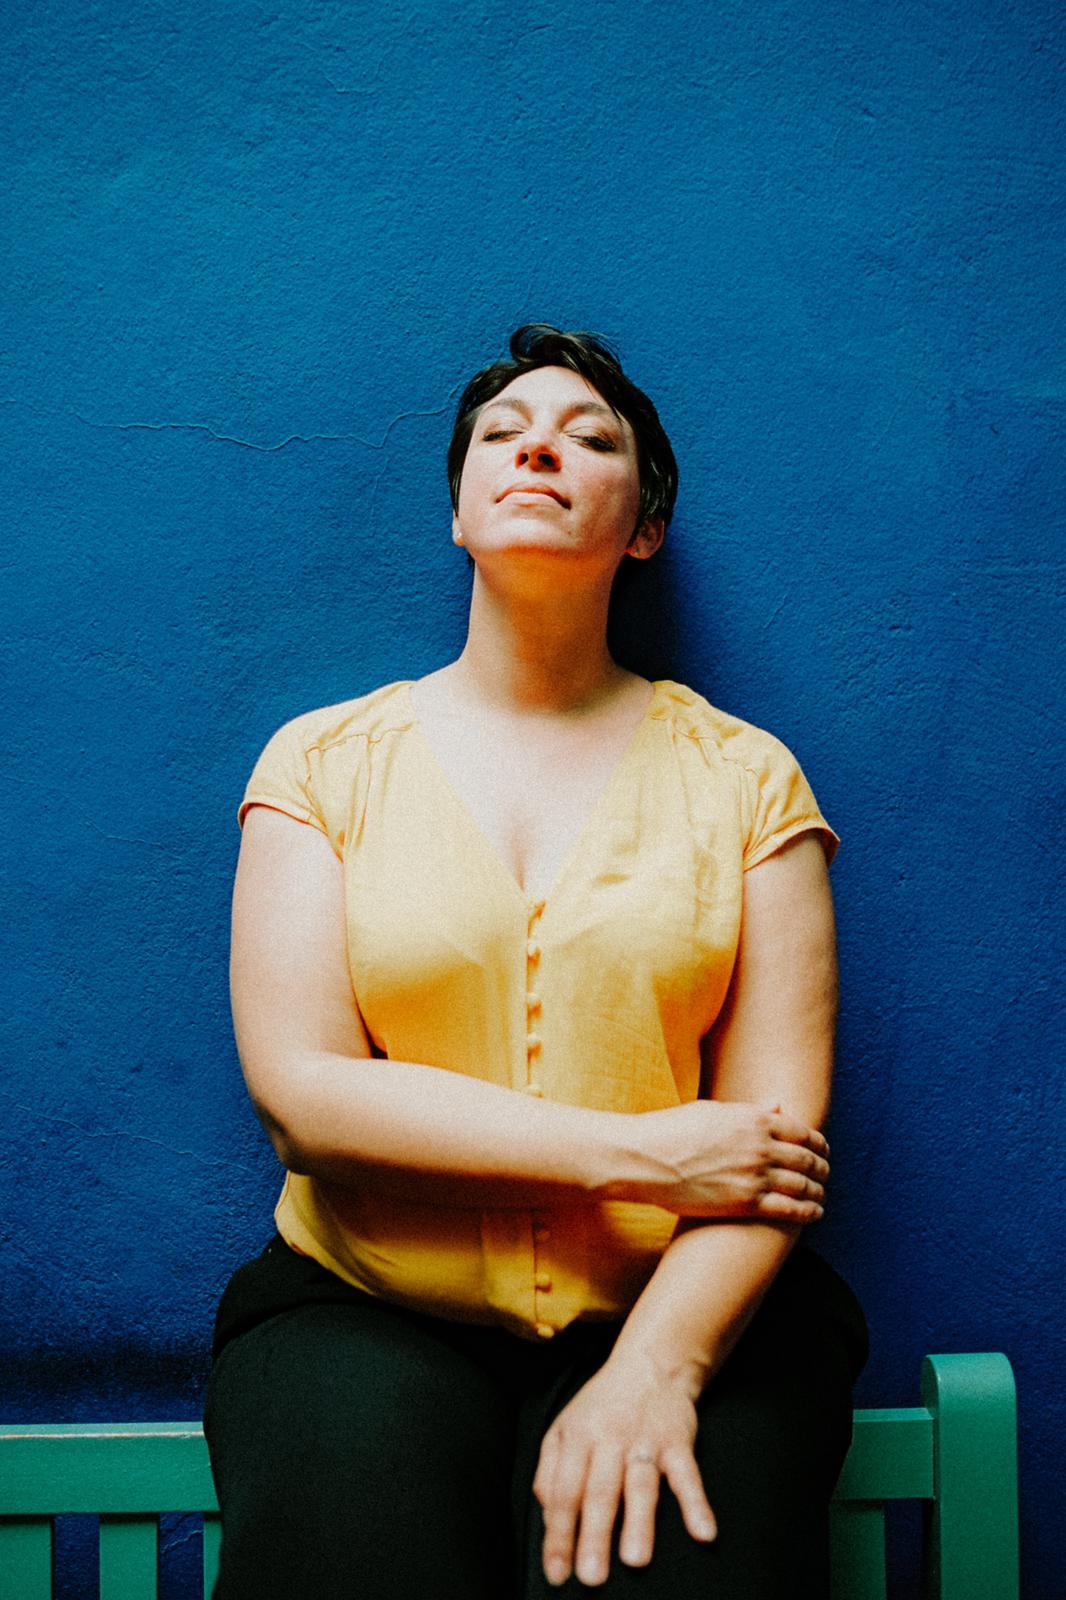 Nicole Gevrey, créatrice du podcast Même pas peur, pour gagner en sérénité et liberté